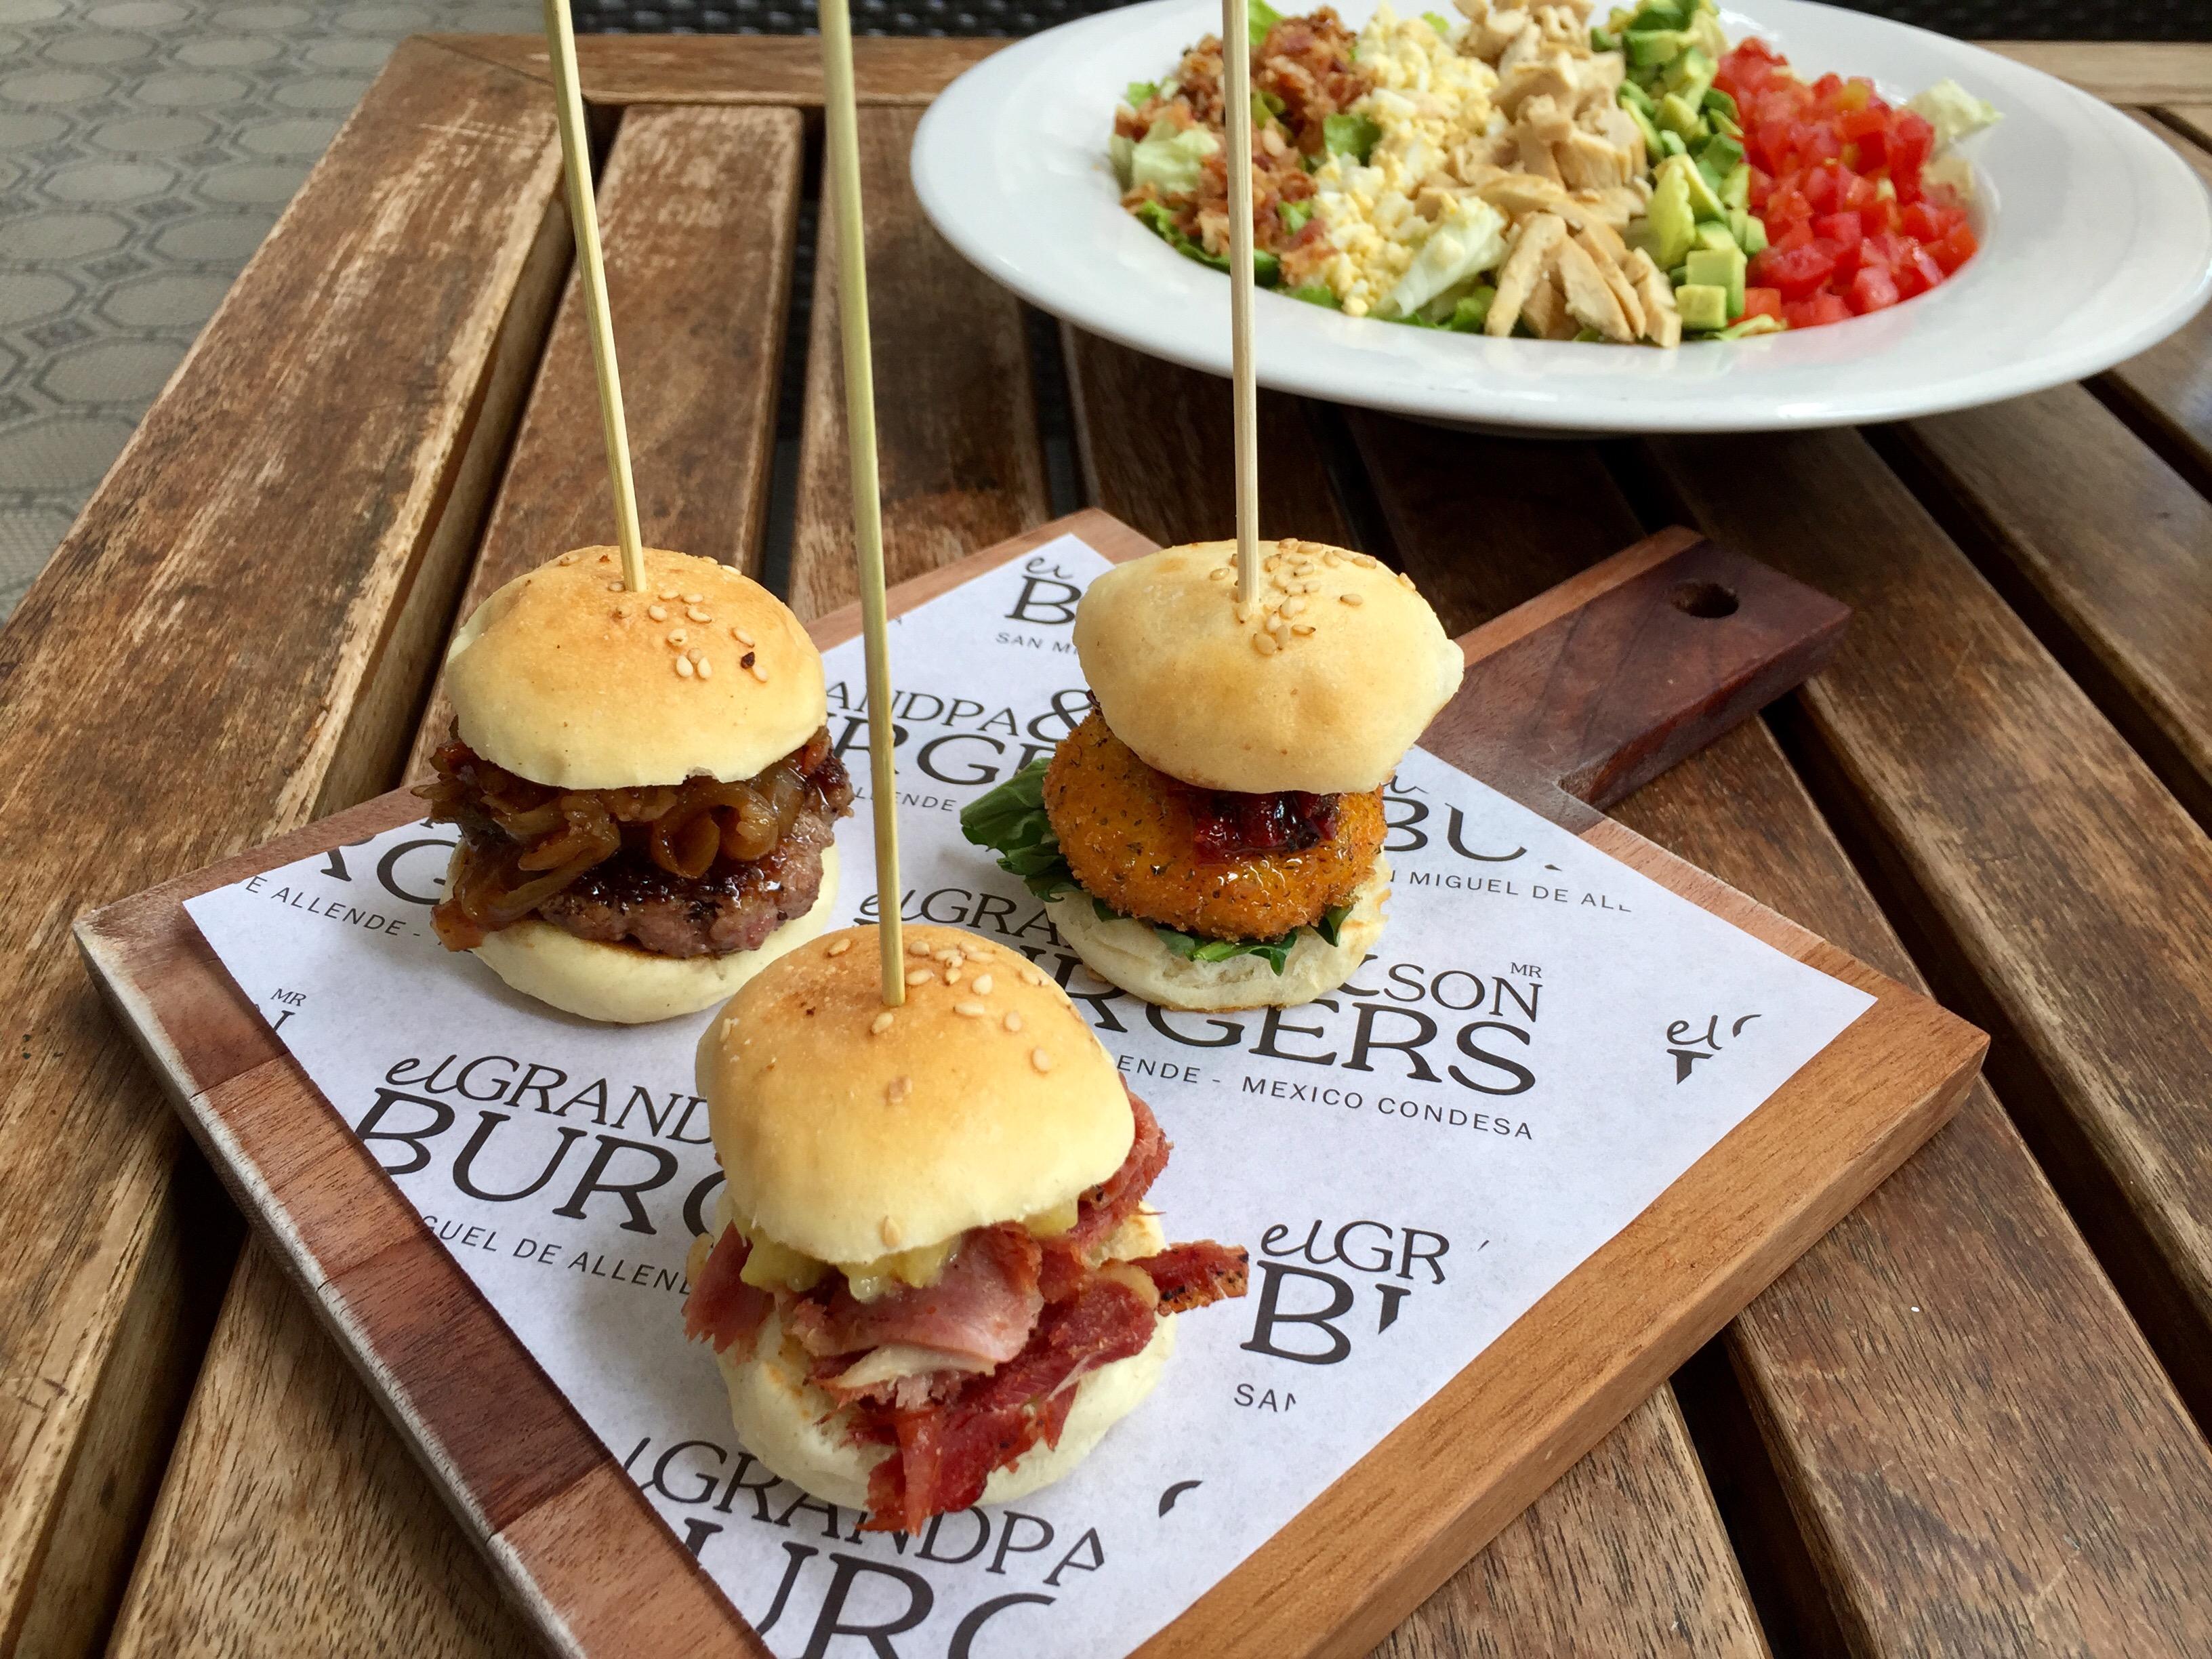 El Grandpa & Son Burgers, San Miguel de Allende